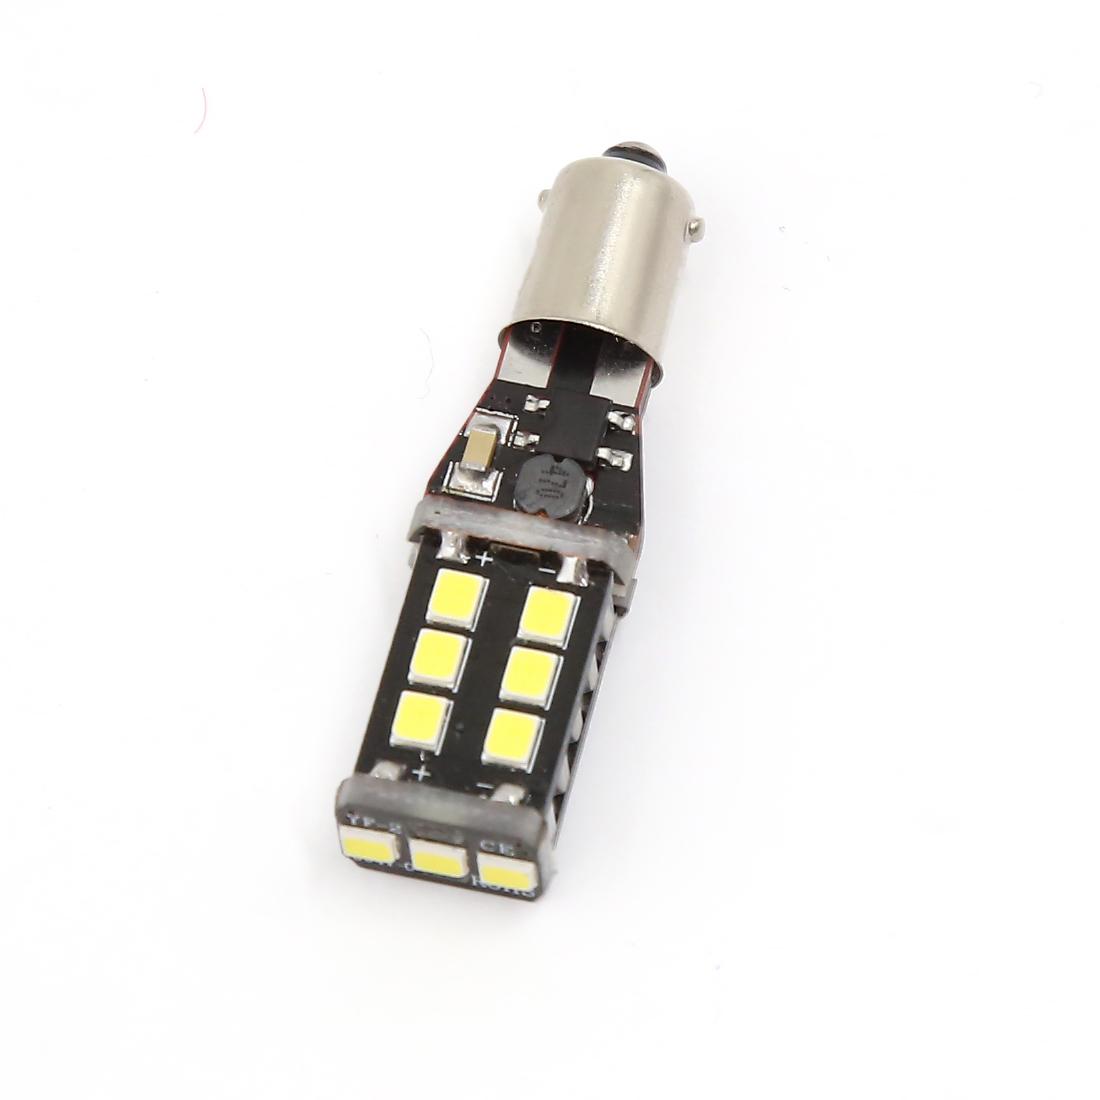 White 2835 DC 12V BA9S 15 SMD 15W LED Interior Reading Light Bulb Lamp for Car